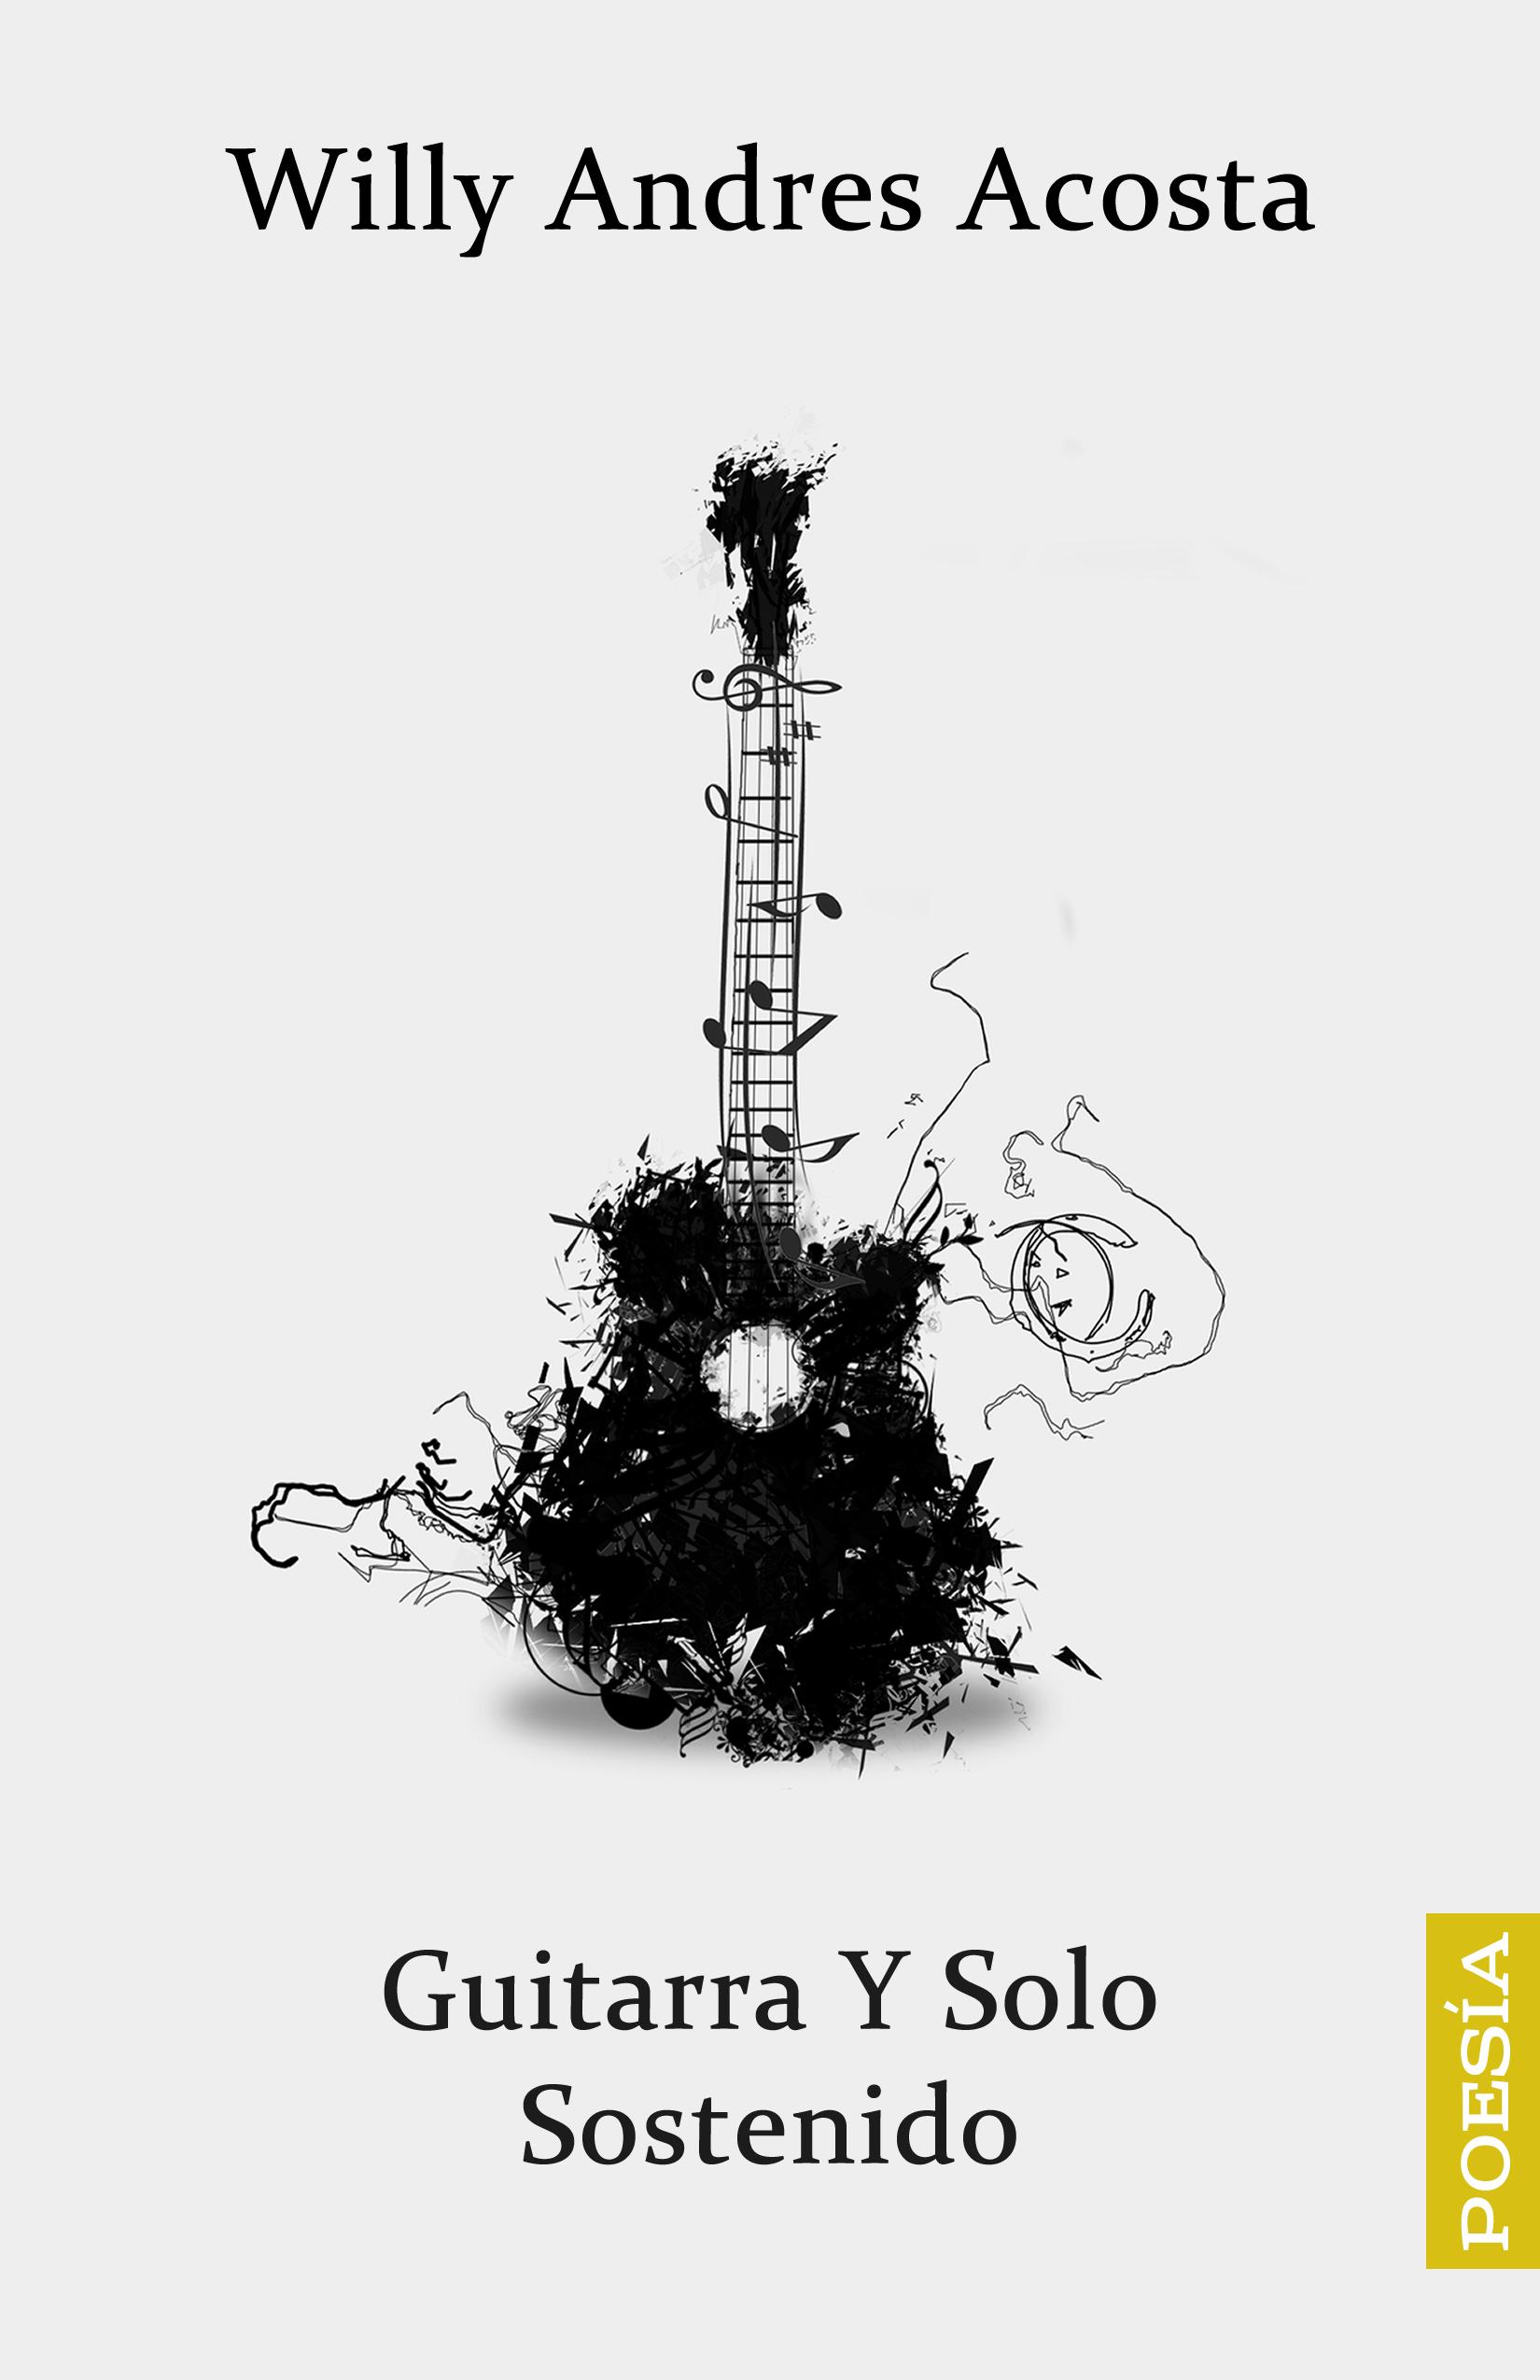 Guitarra Y Solo Sostenido